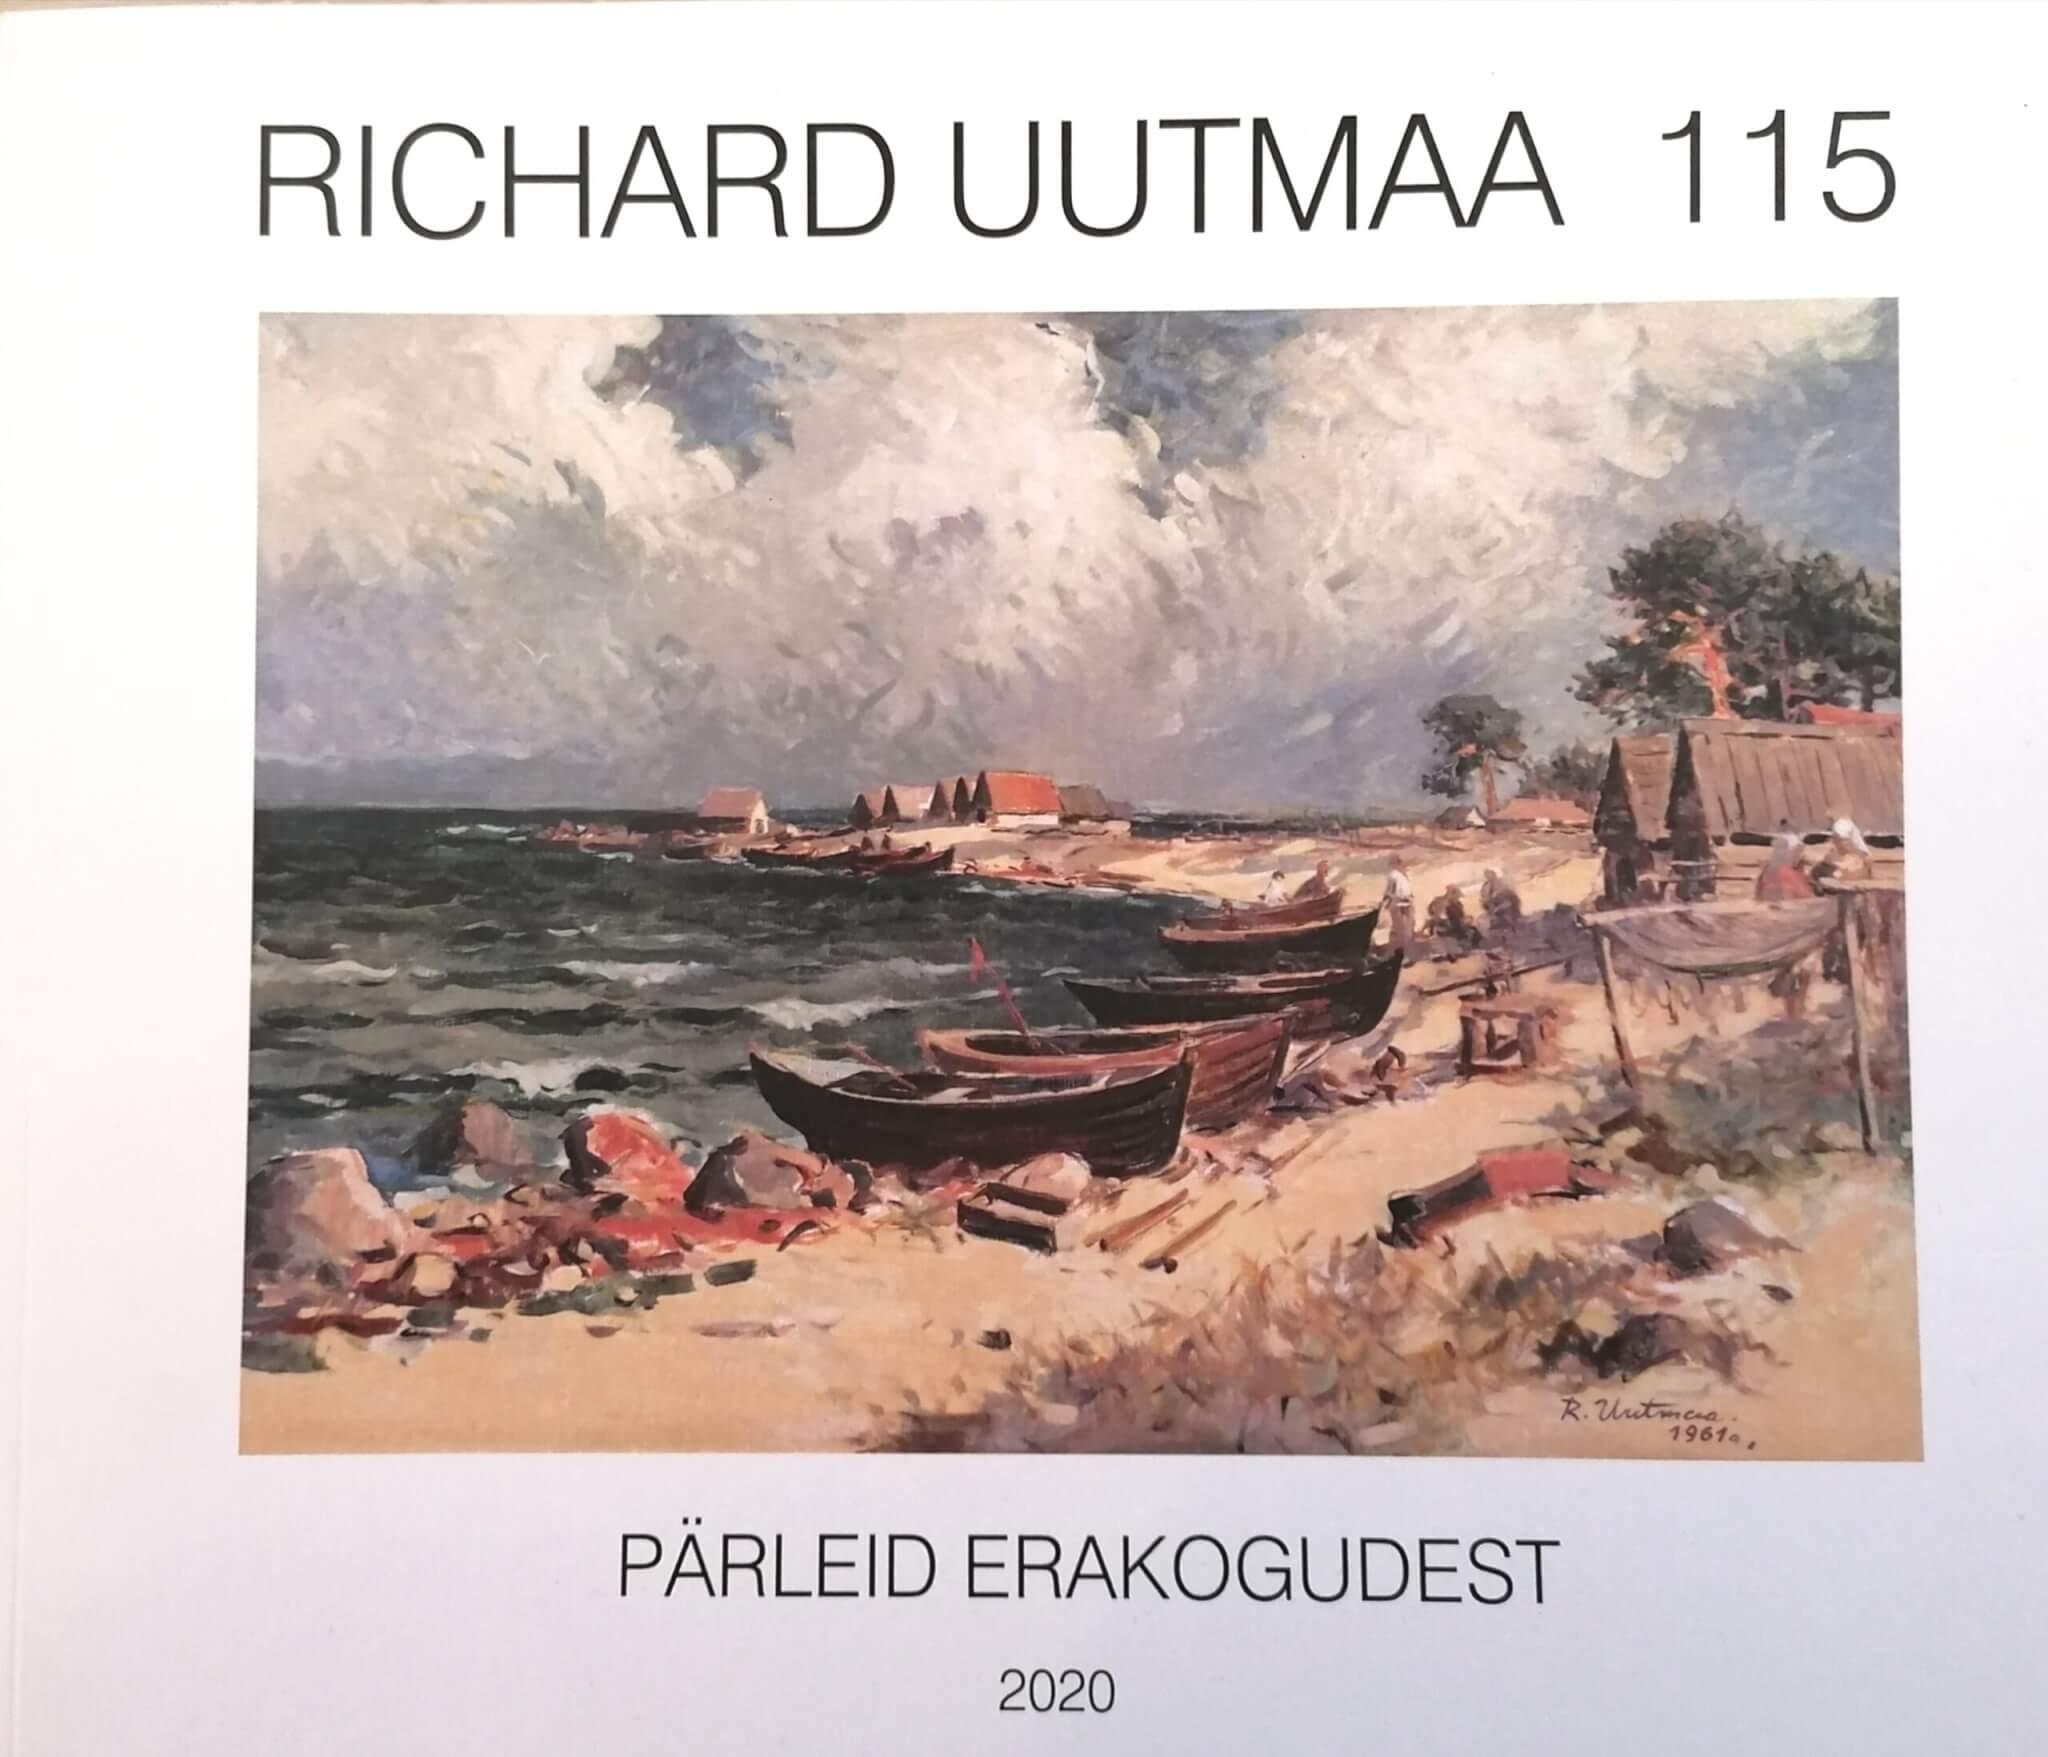 Richard-Uutmaa-pärleid-erakogudest-näituse-kataloog-2020